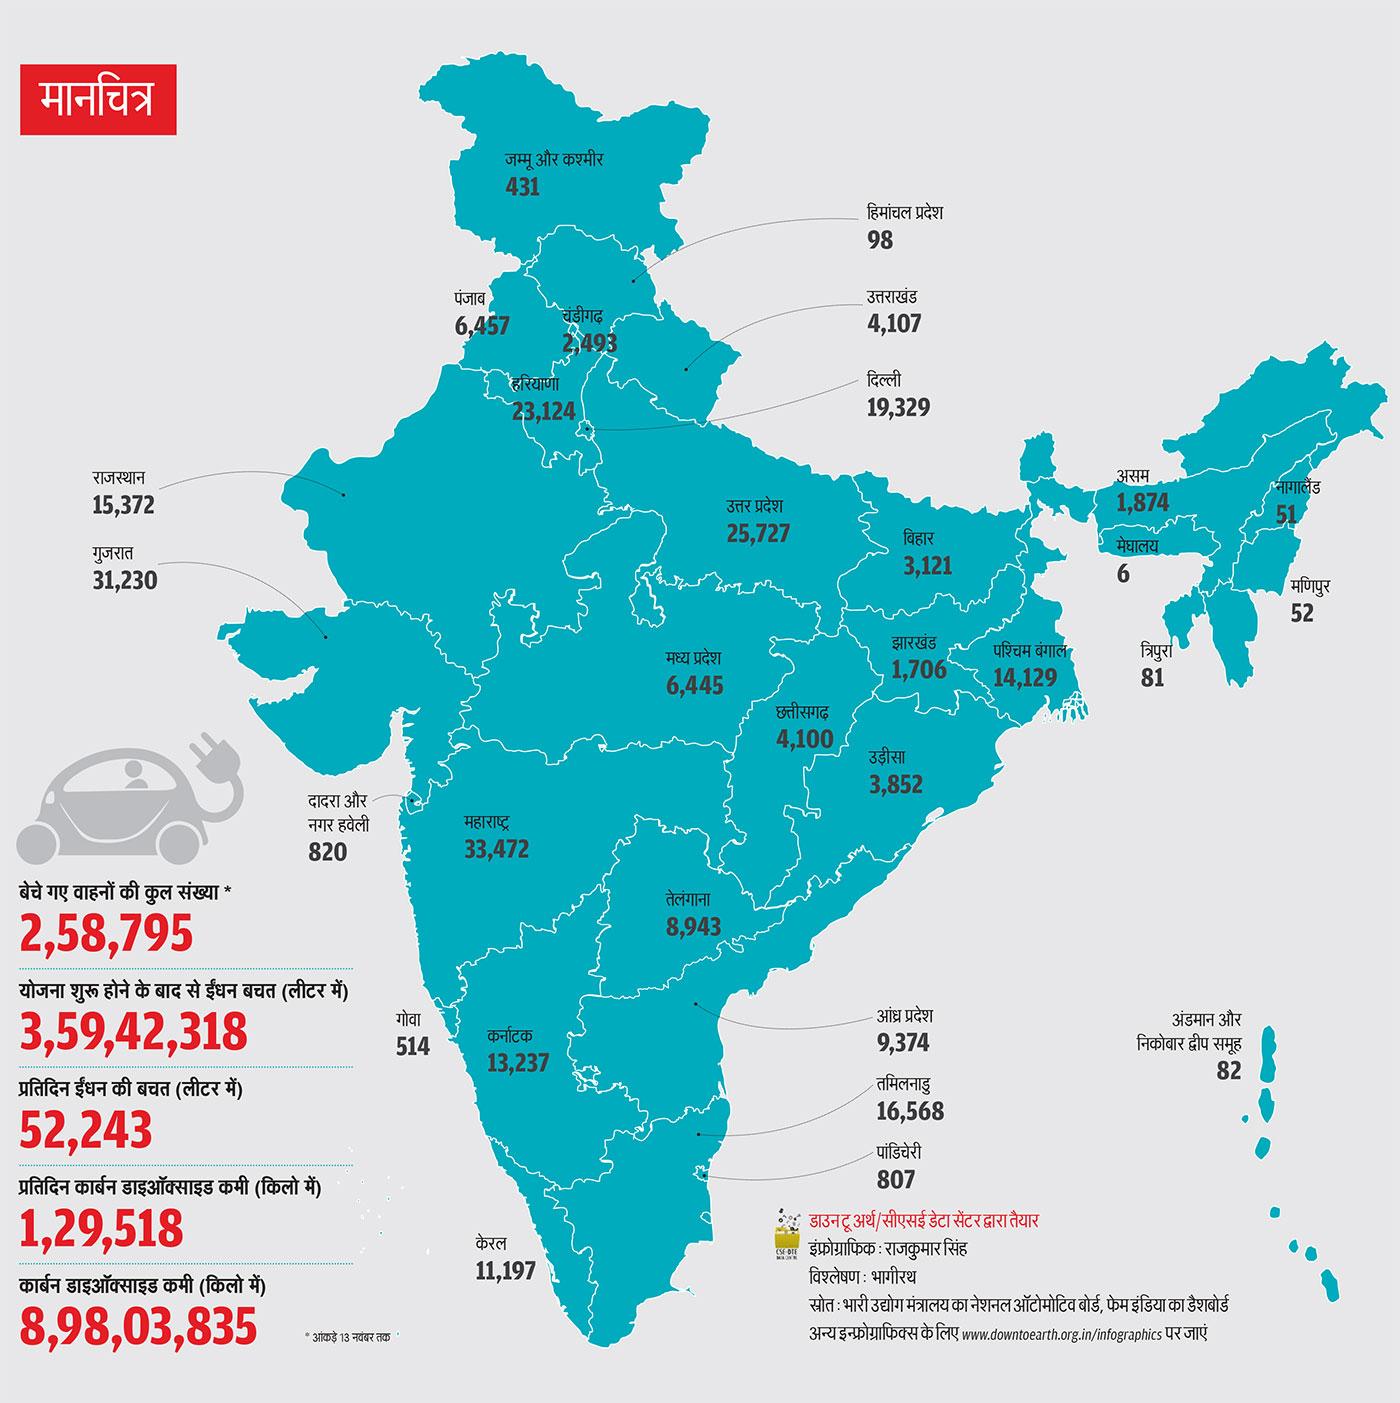 स्रोत: भारी उद्योग मंत्रालय का नेशनल ऑटोमोटिव बोर्ड, फेम इंडिया का डैशबोर्ड